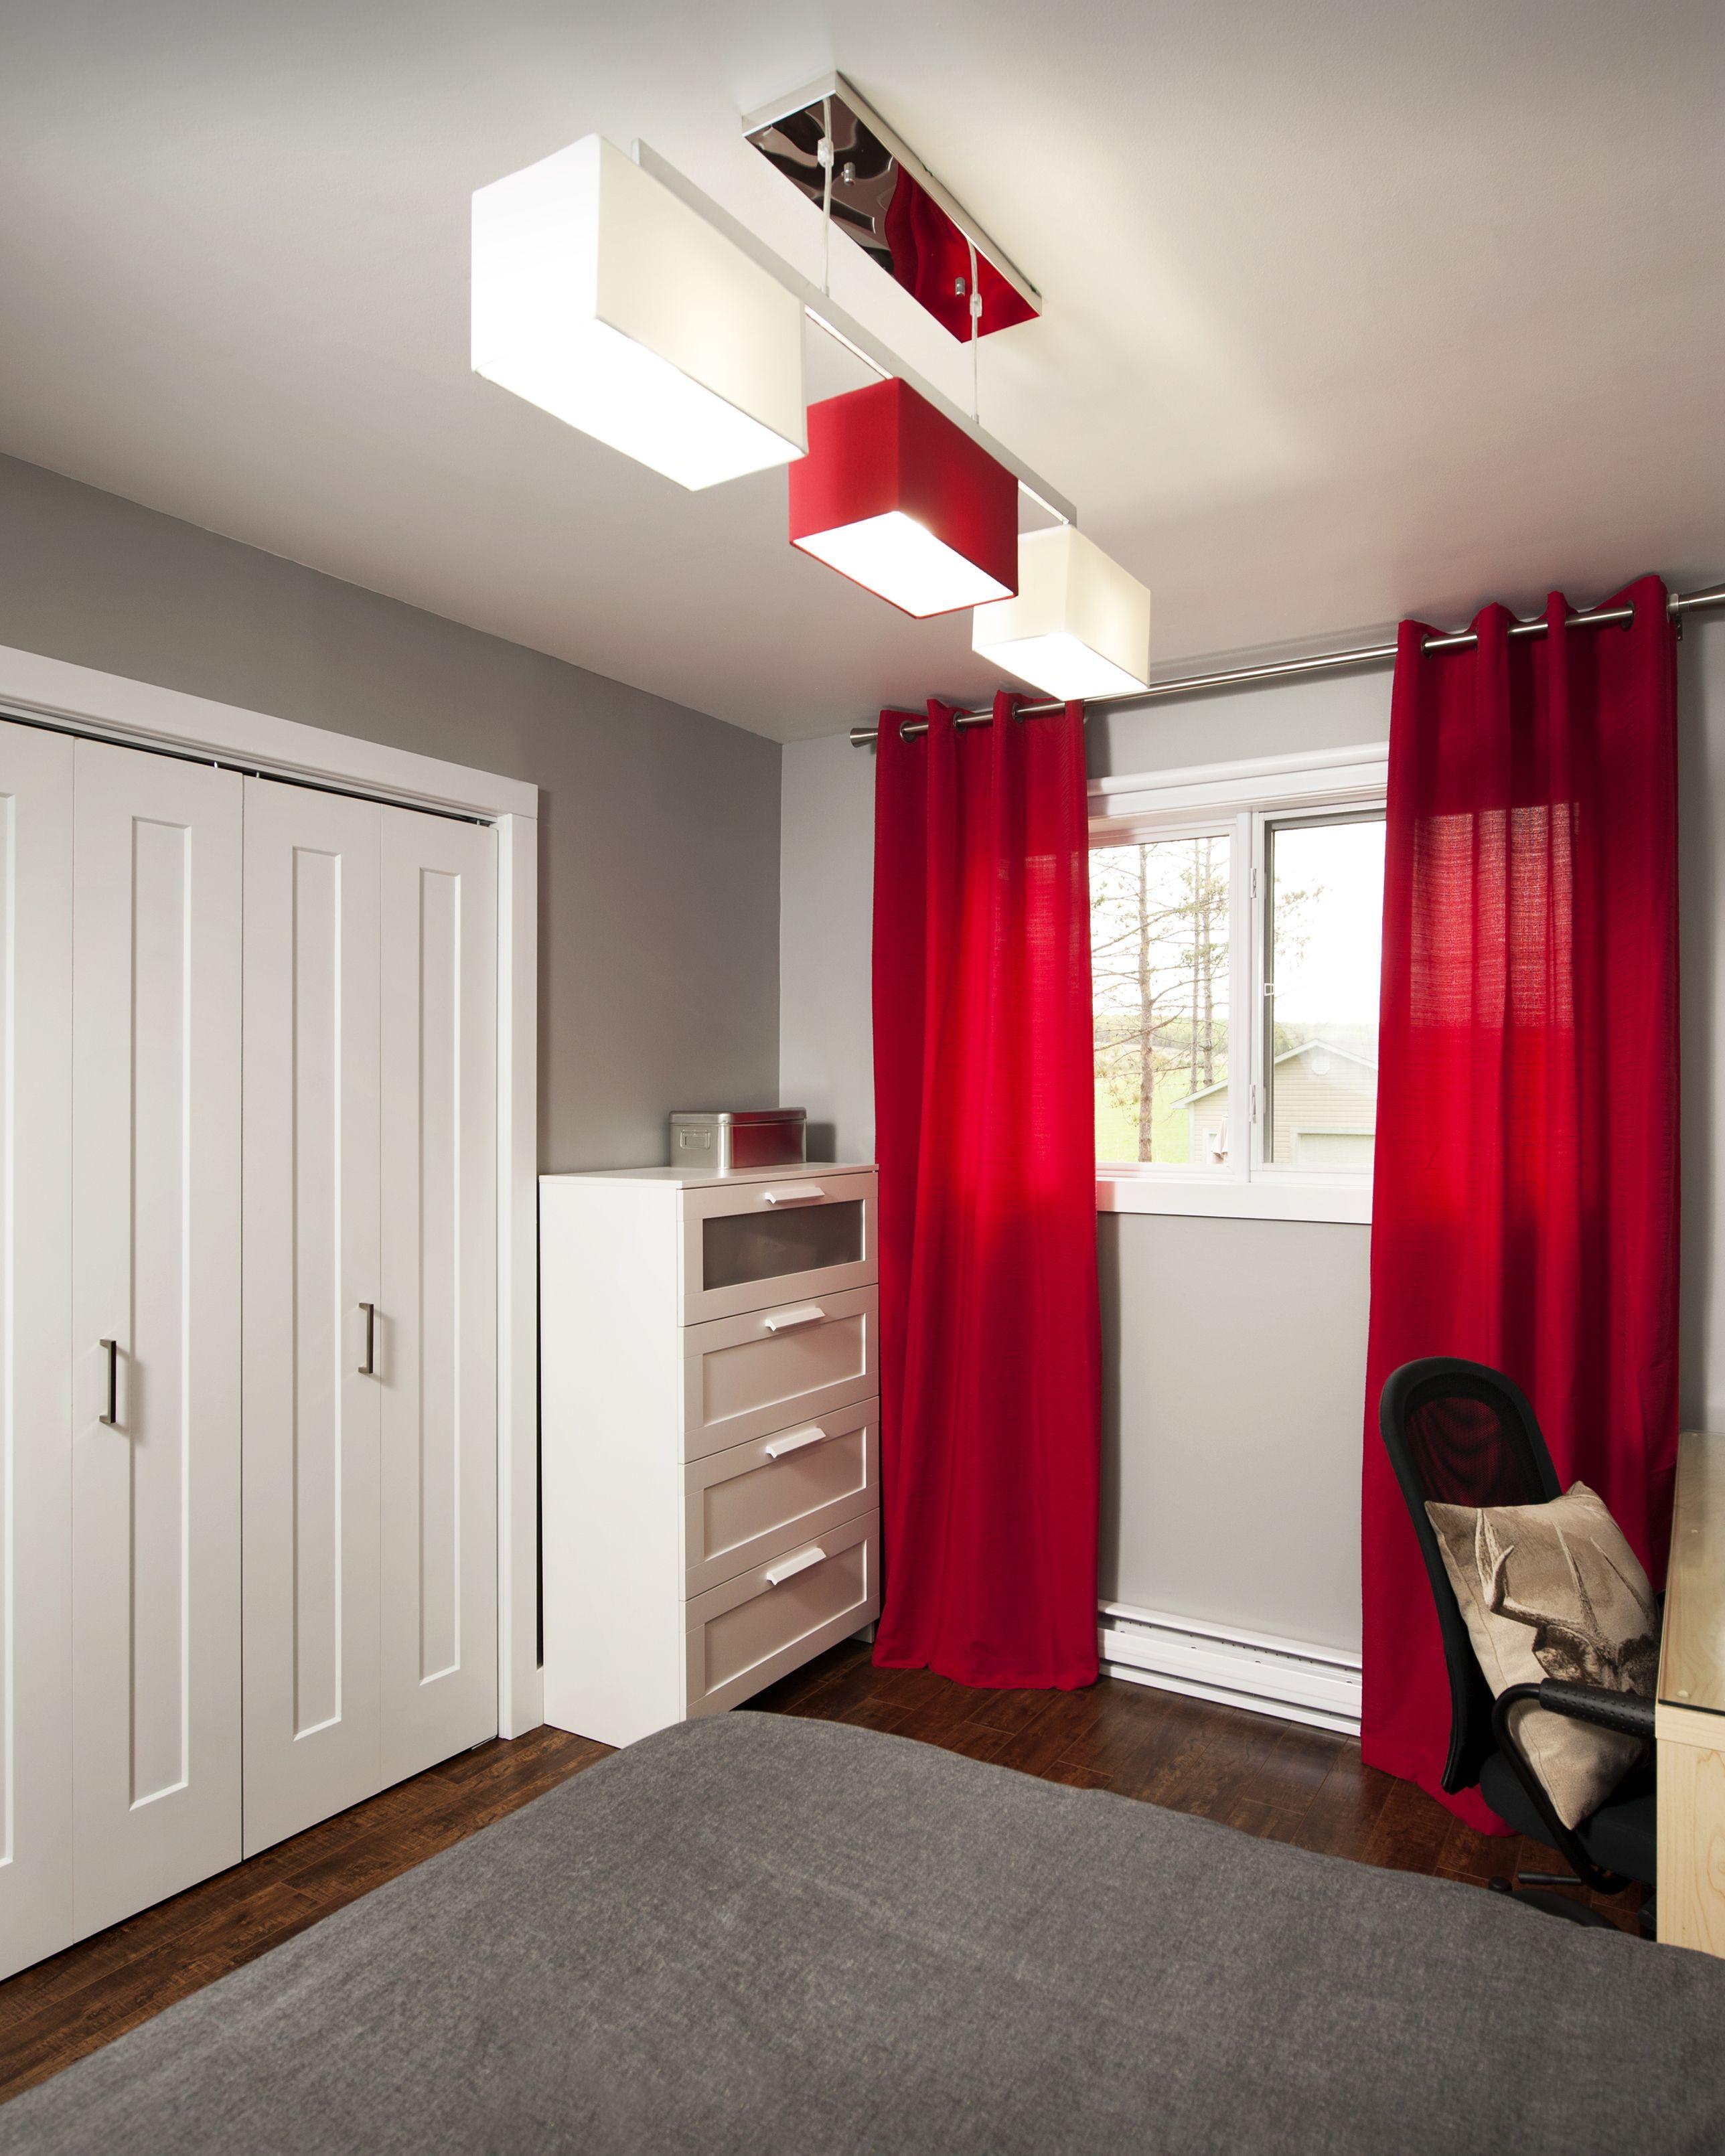 Des rideaux rouges pour une touche de « punch ». Décor réalisé par